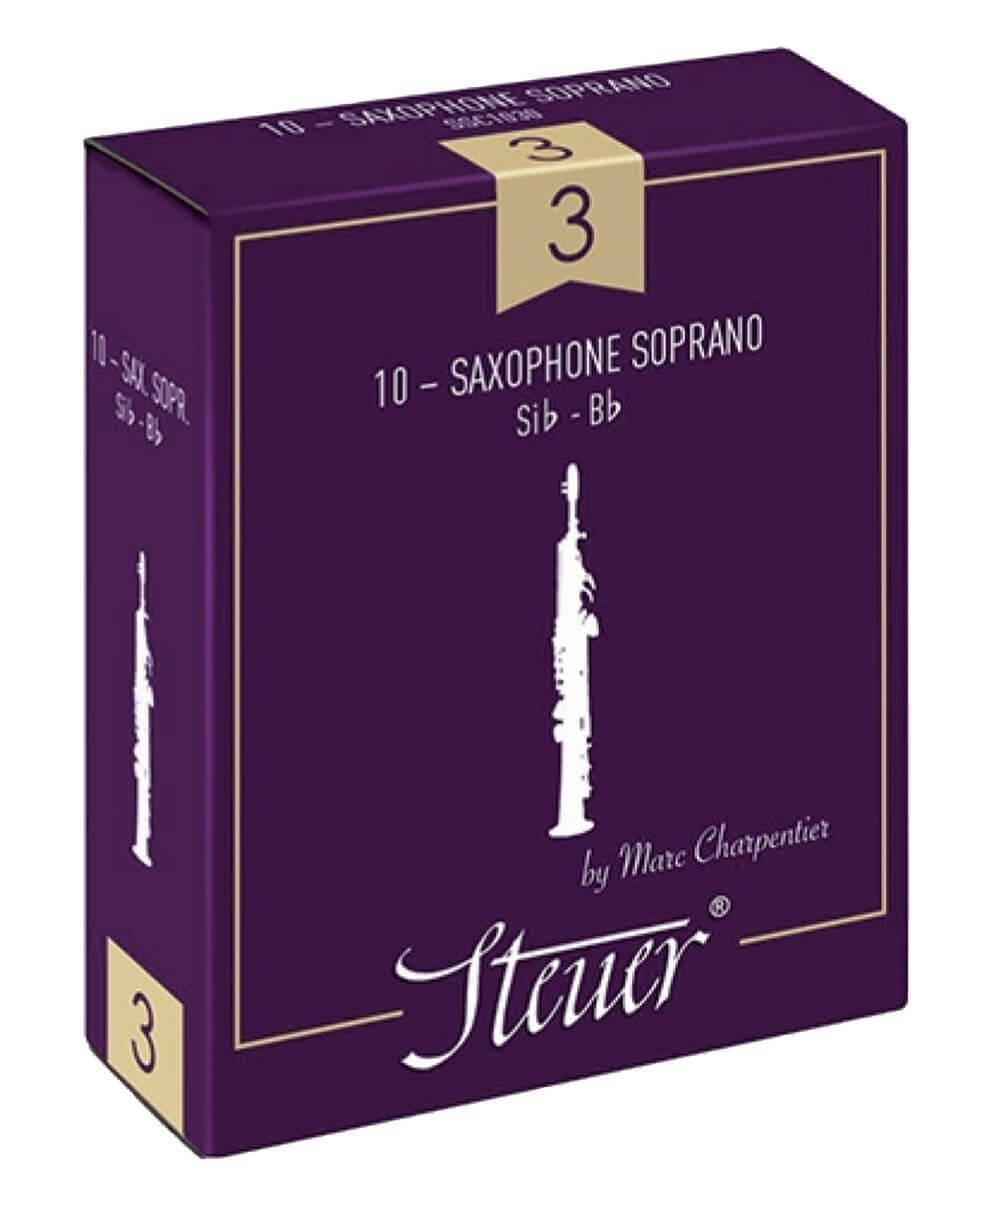 Caña Saxofón Soprano Steuer Tradicional Nº1 1/2